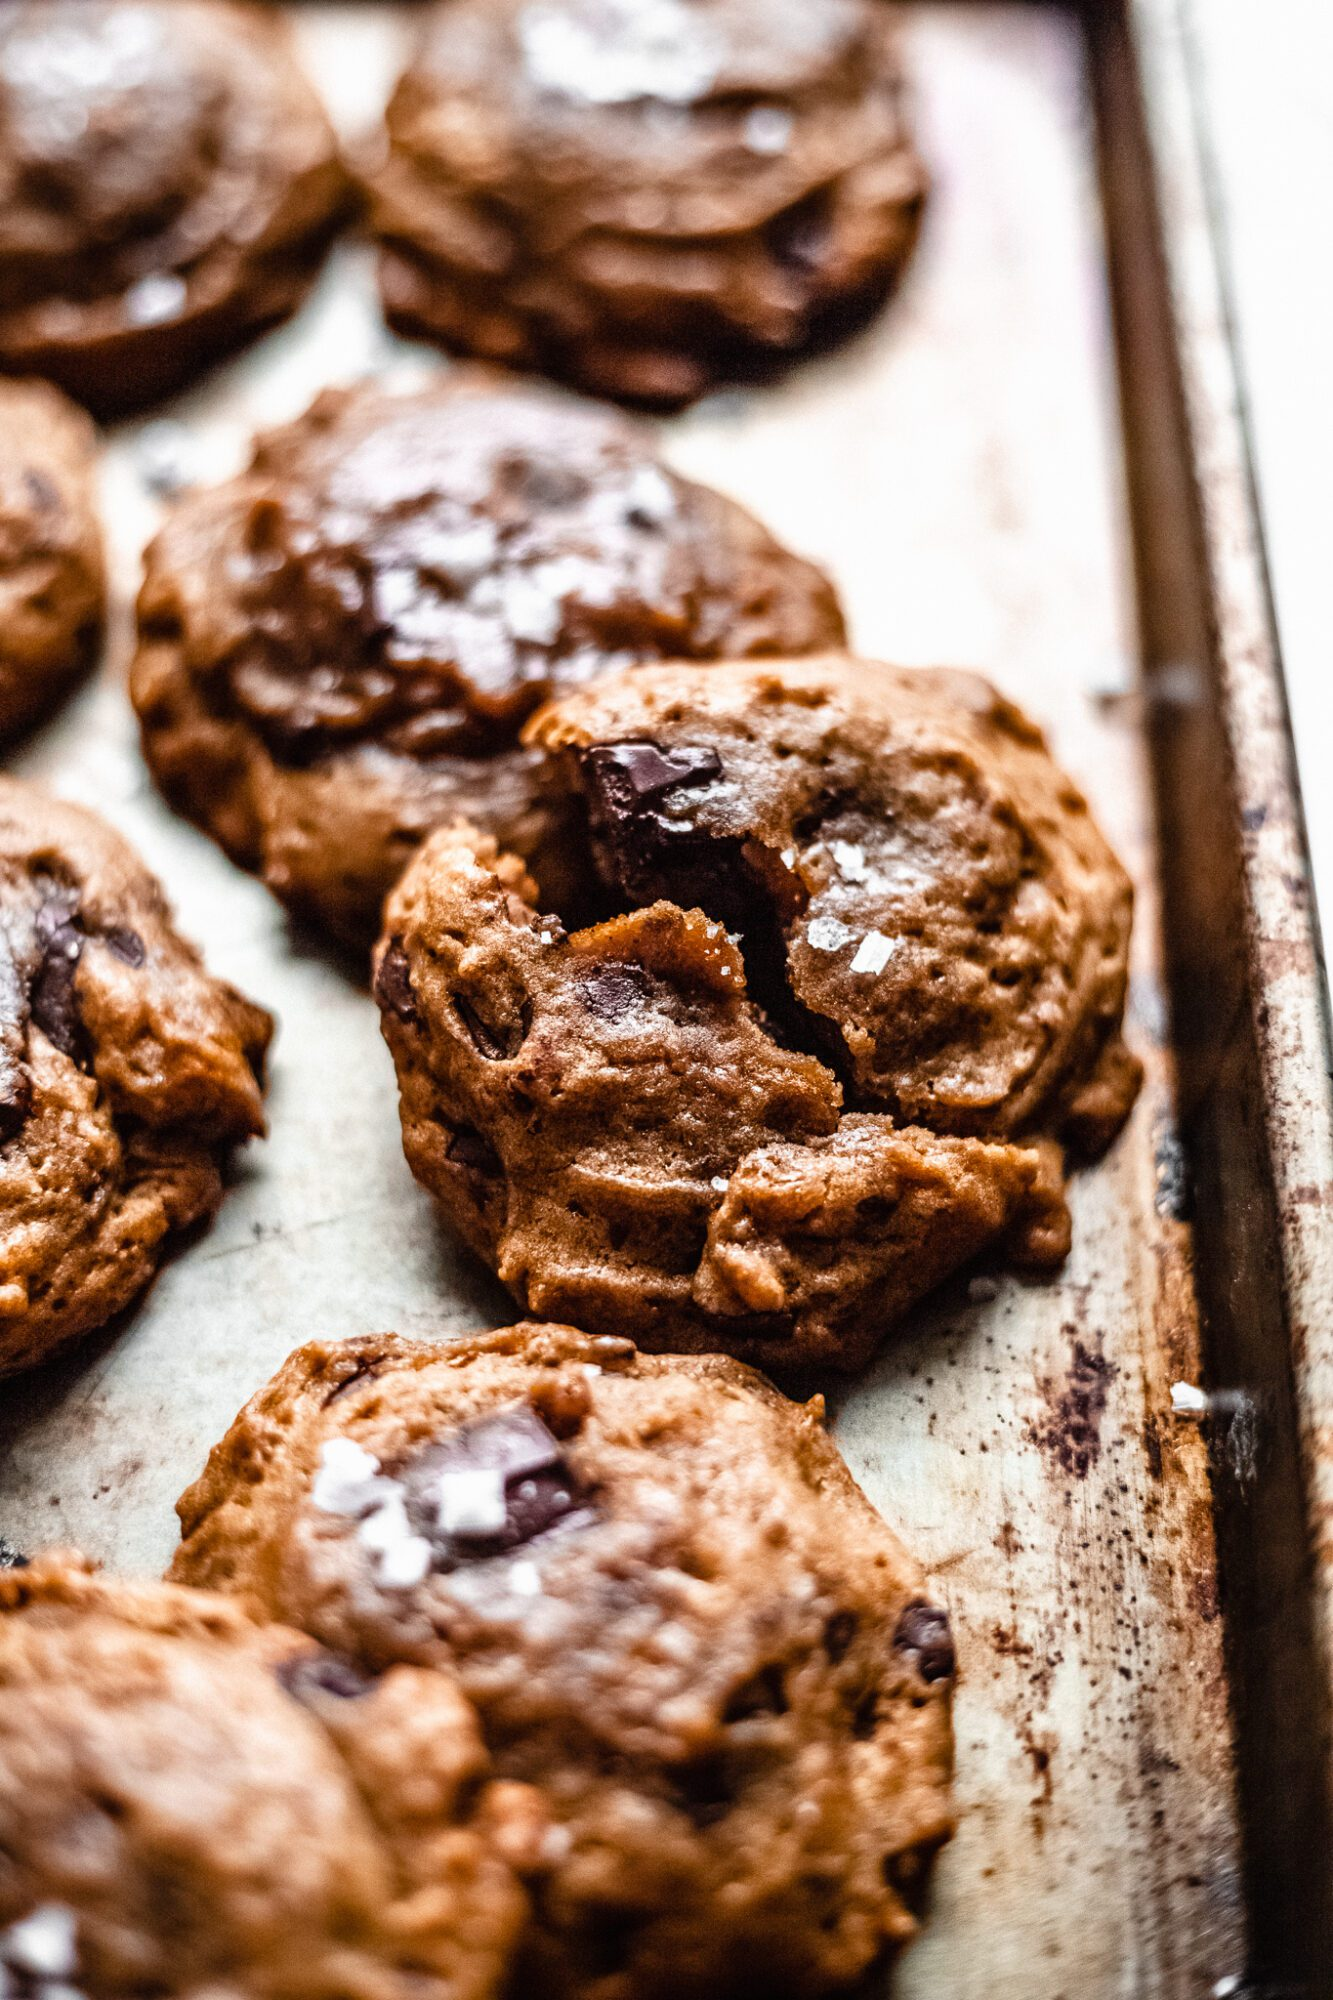 vegan chocolate chip cookie broken